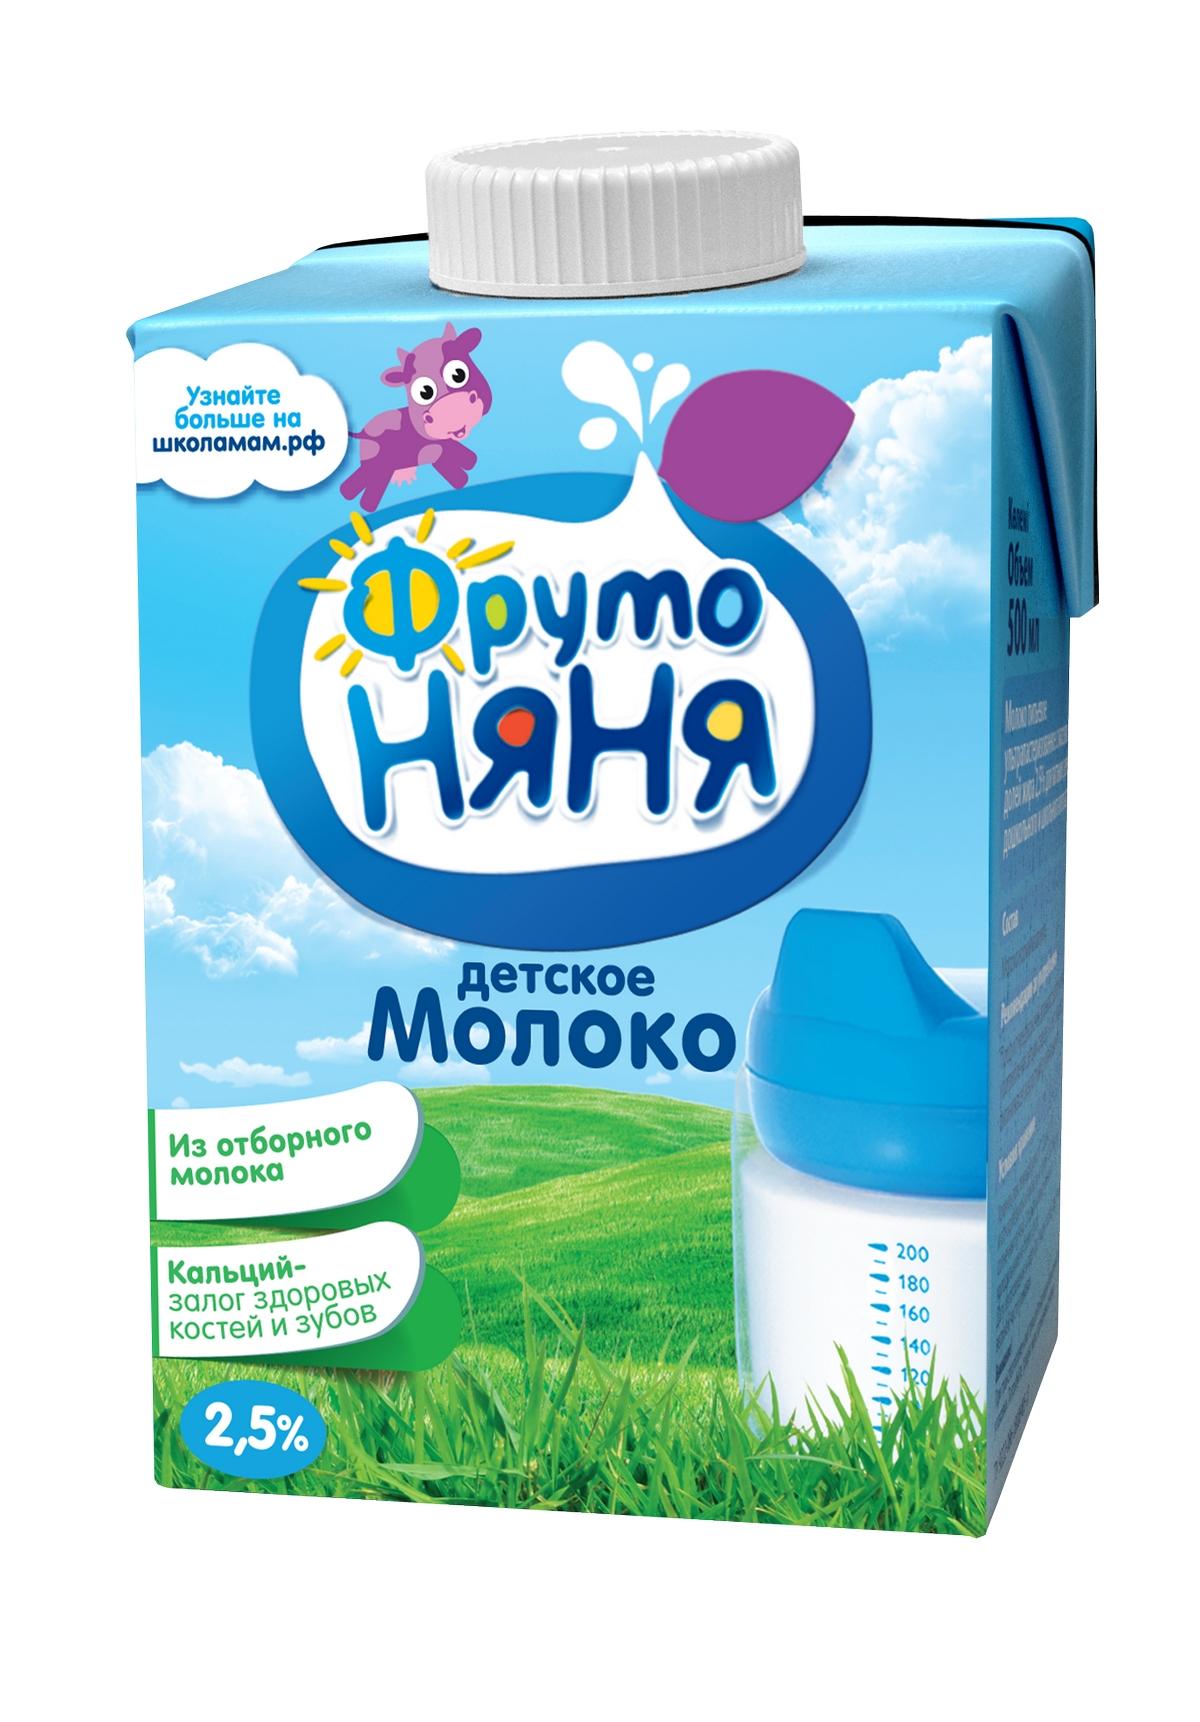 Фото - Фруто Няня БЗМЖ Молоко питьевое ультрапастеризованное 2.5% Фрутоняня 0,5 л. молоко элакто ультрапастеризованное 3 2% 1 л